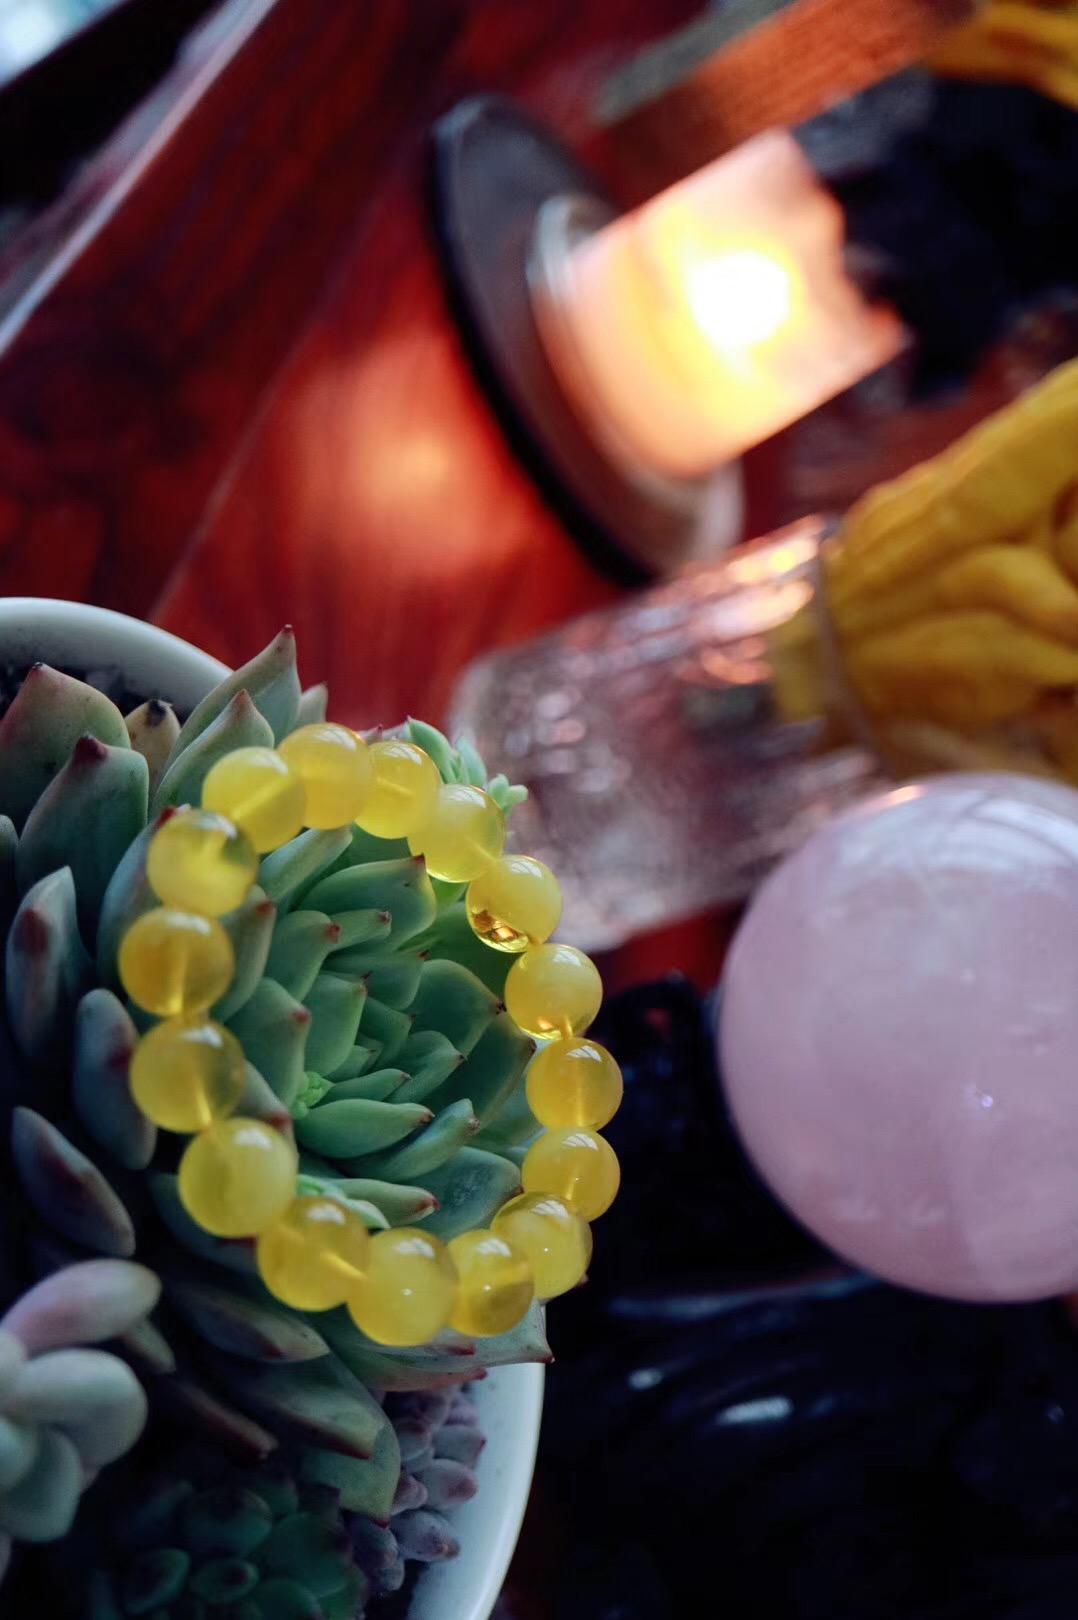 【菩心 | 纯天然蜜蜡】蜜蜡在冬日里,犹如阳光般温暖舒适-菩心晶舍